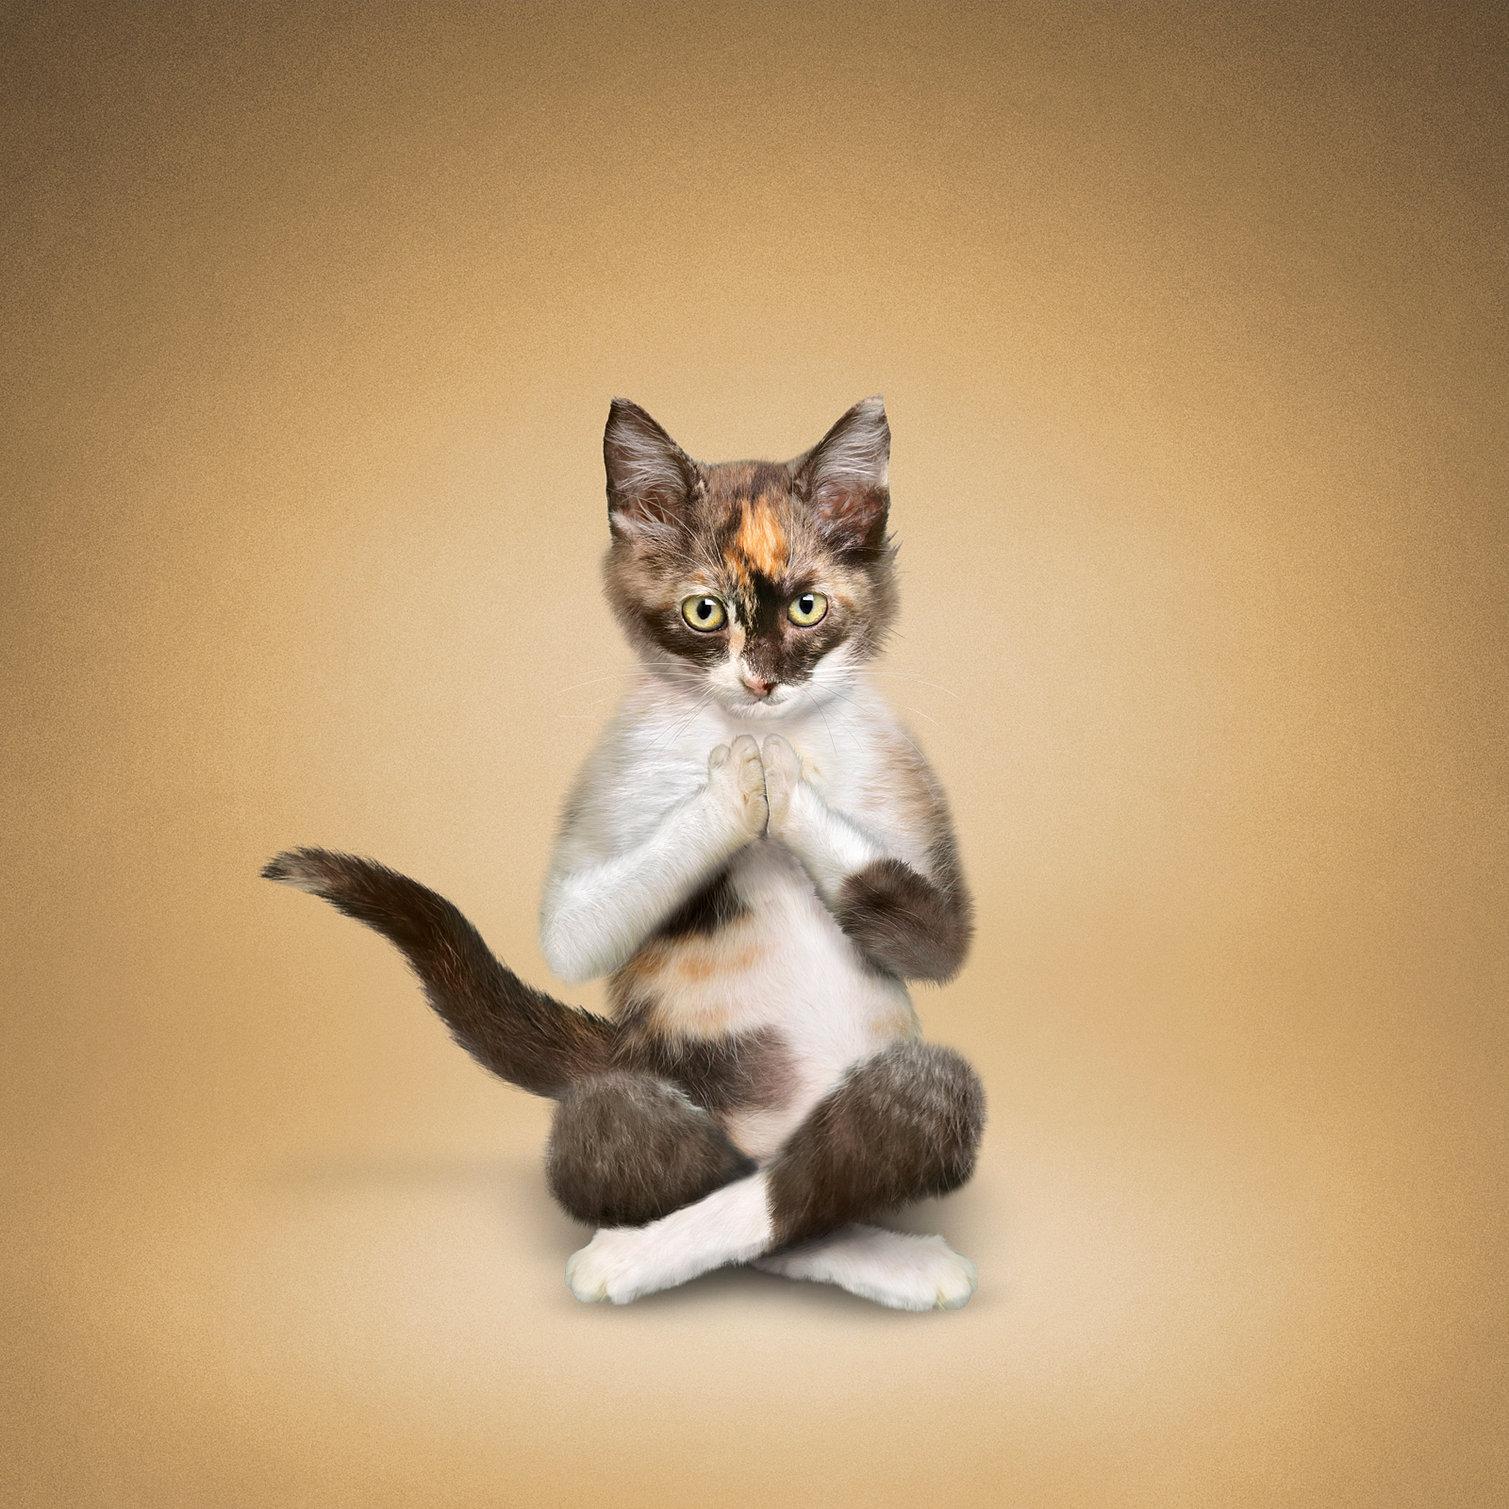 Yoga Cat Pictures